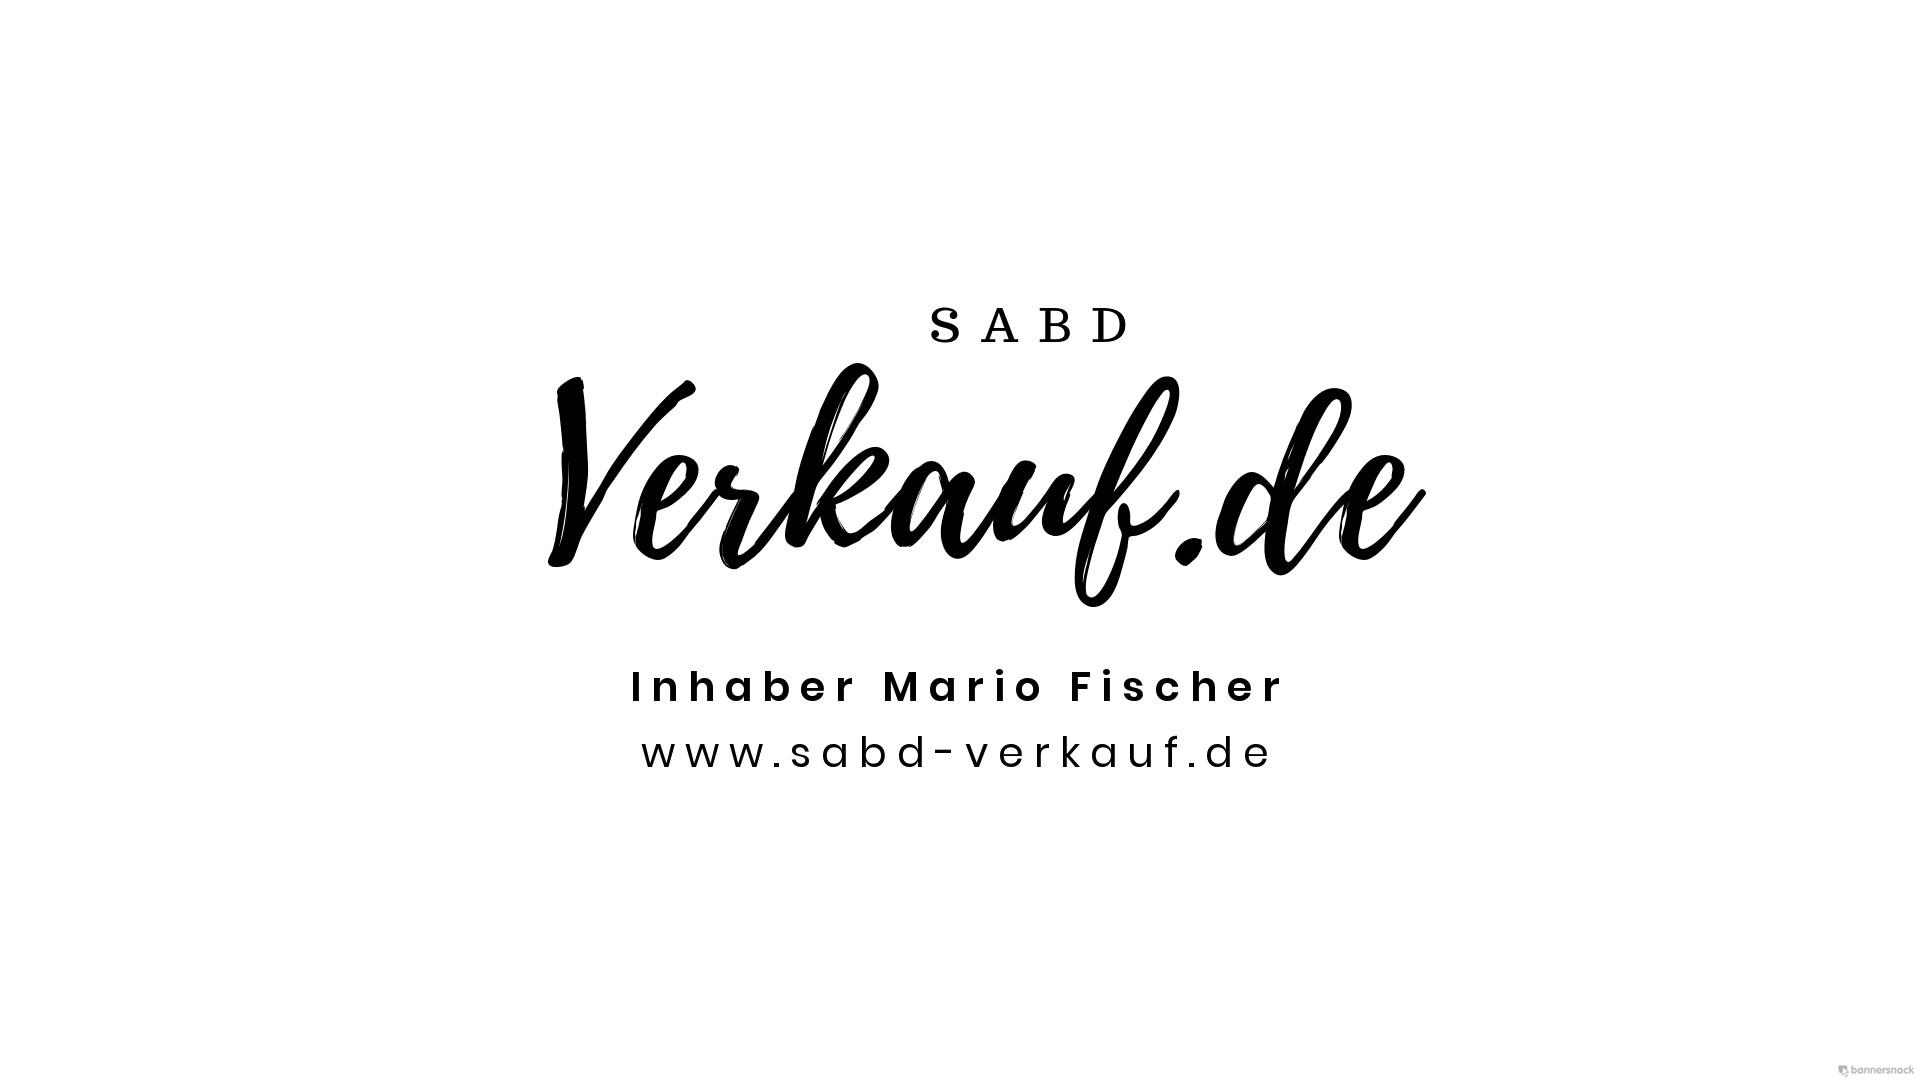 sabd-verkauf.de